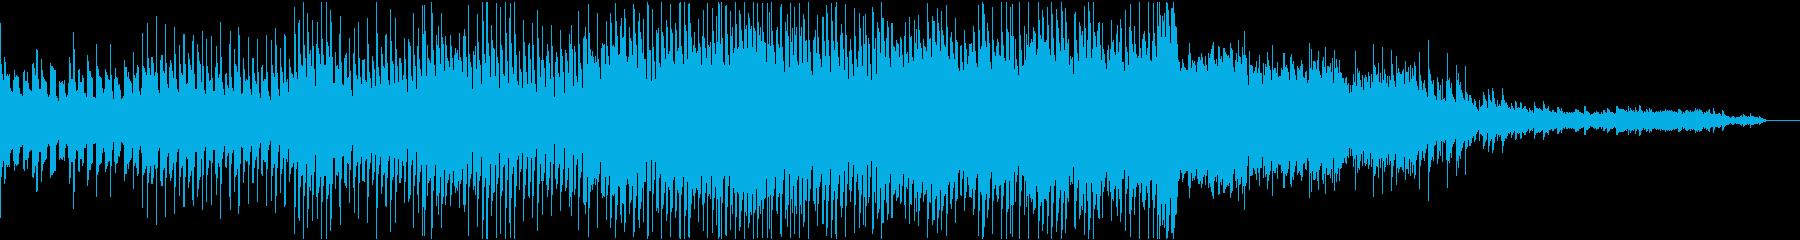 映像などに使える 綺麗で落ち着いた曲の再生済みの波形